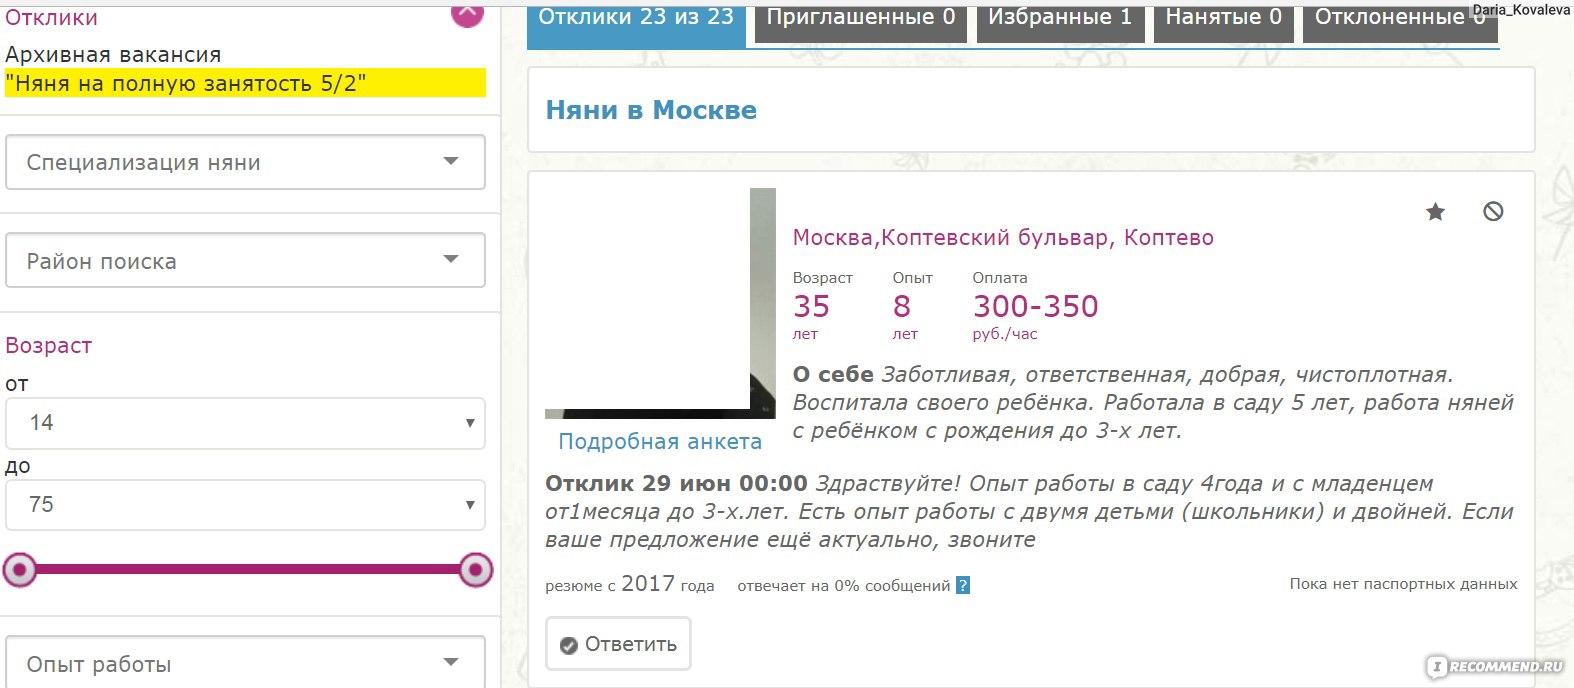 Няни в час москве в стоимость часовой ломбард московский